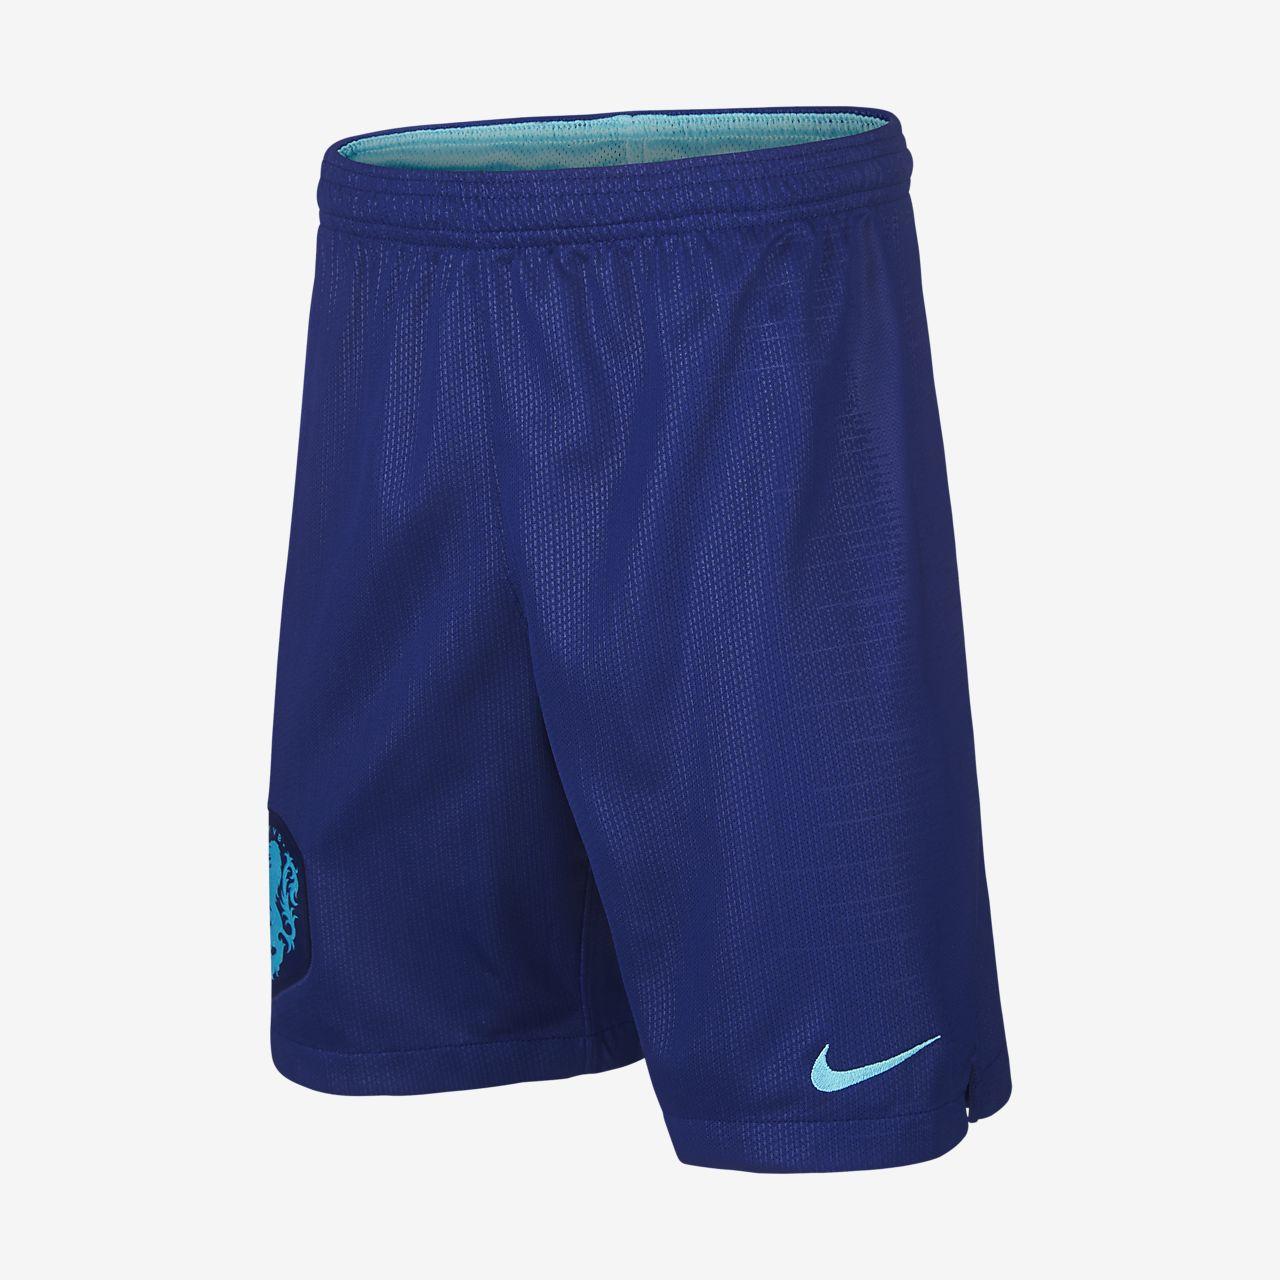 ab3a628a184 ... Shorts de fútbol para niños talla grande 2018 Netherlands Stadium Away